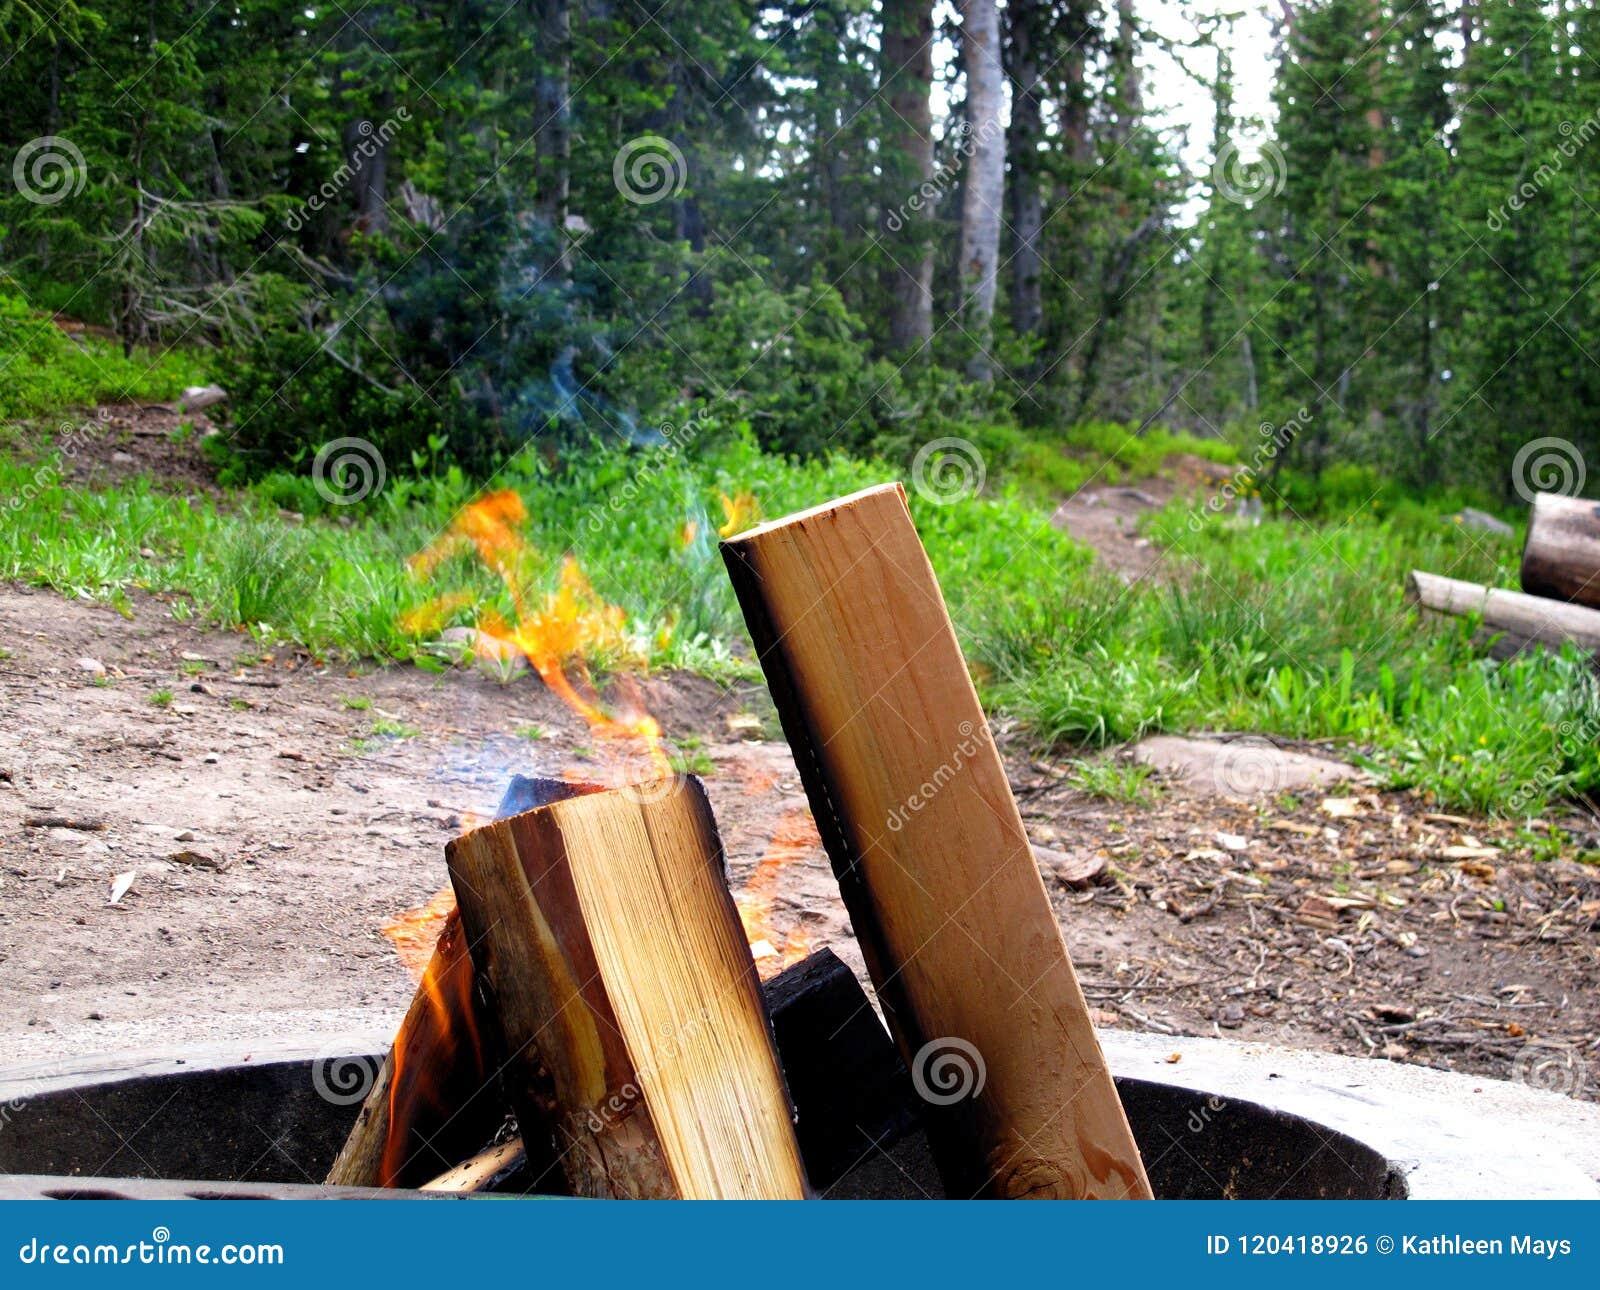 Vlammen van een Kampvuur in Kuil van een Bergkampeerterrein